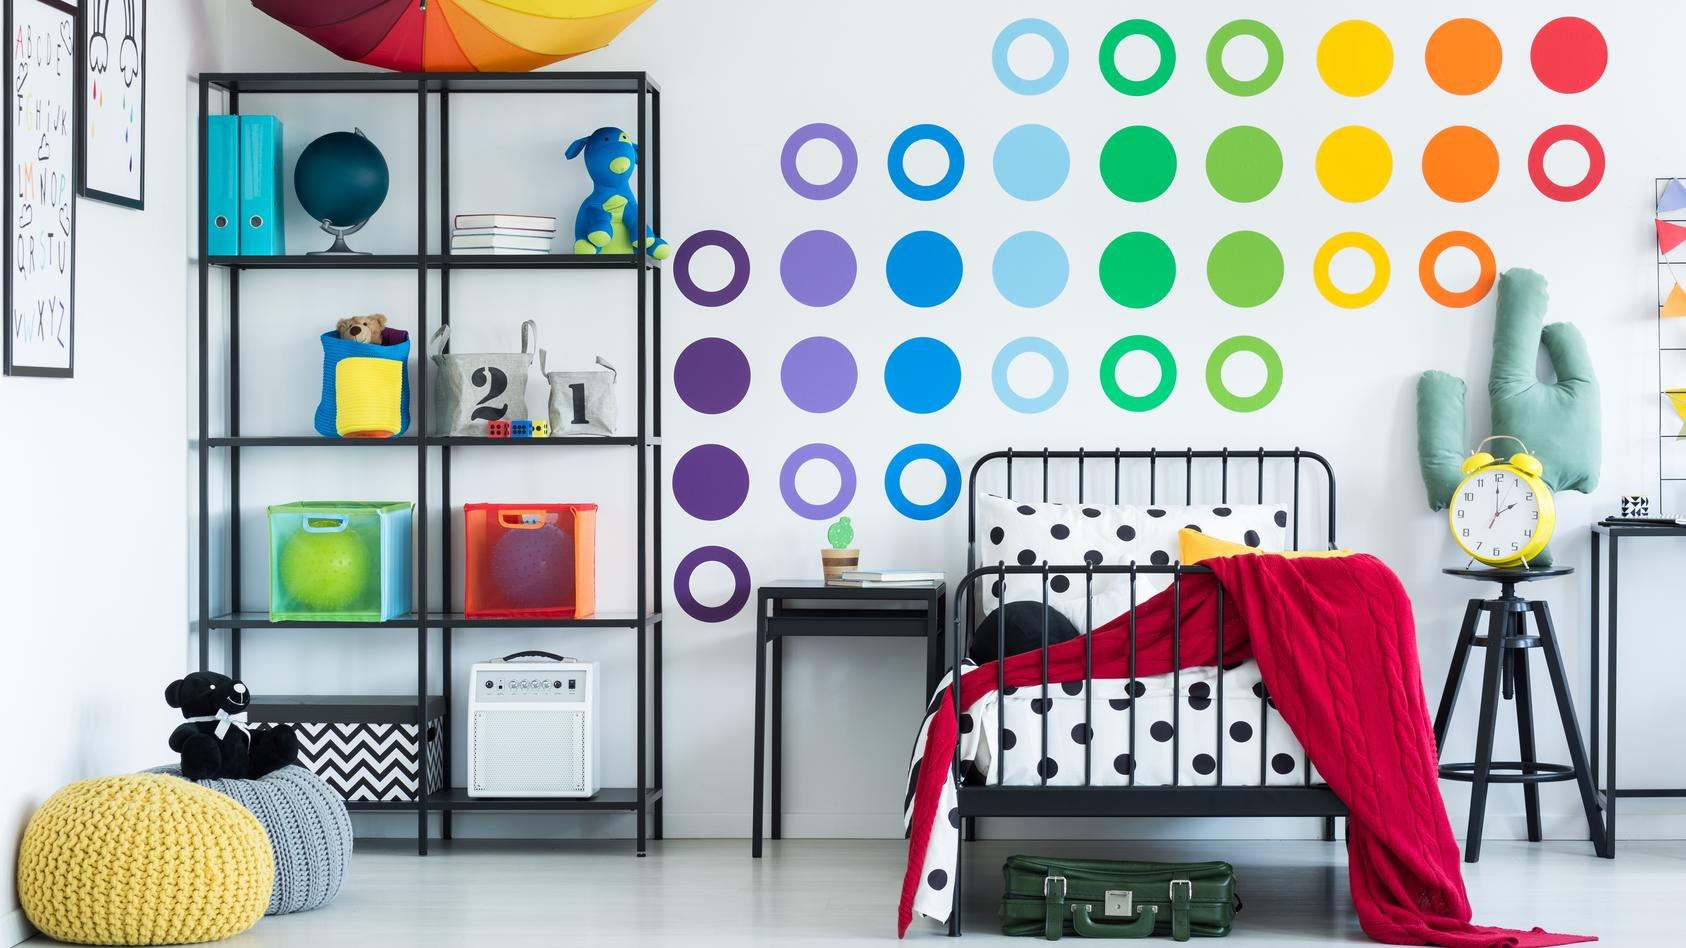 Wandtattoos peppen jedes Zimmer auf.